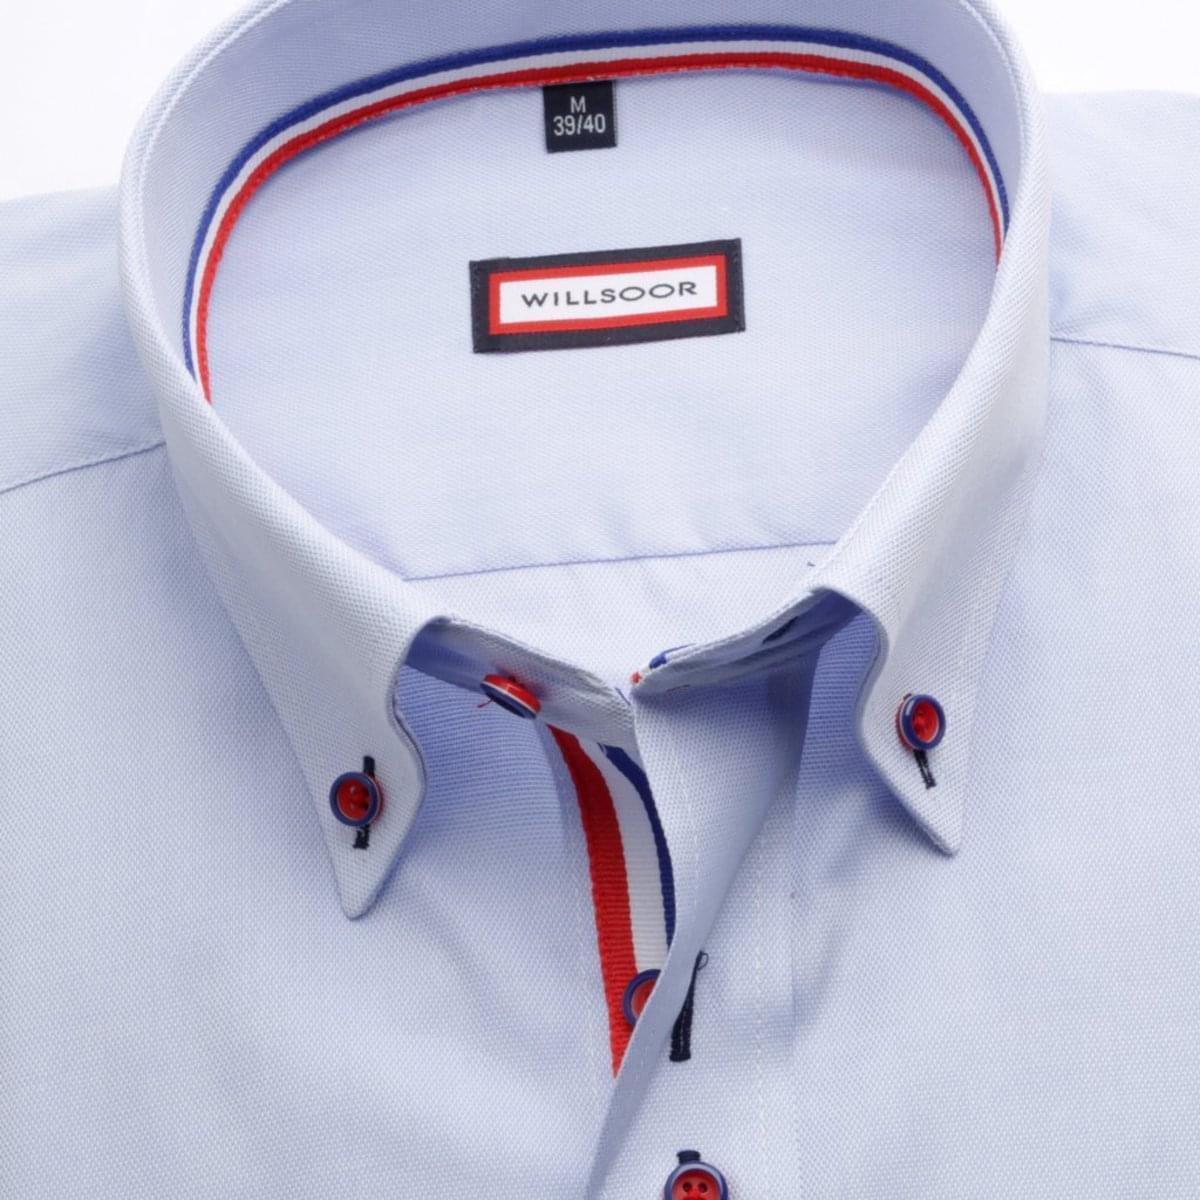 Košile WR Slim Fit (výška 176-182) 4265 176-182 / XL (43/44)